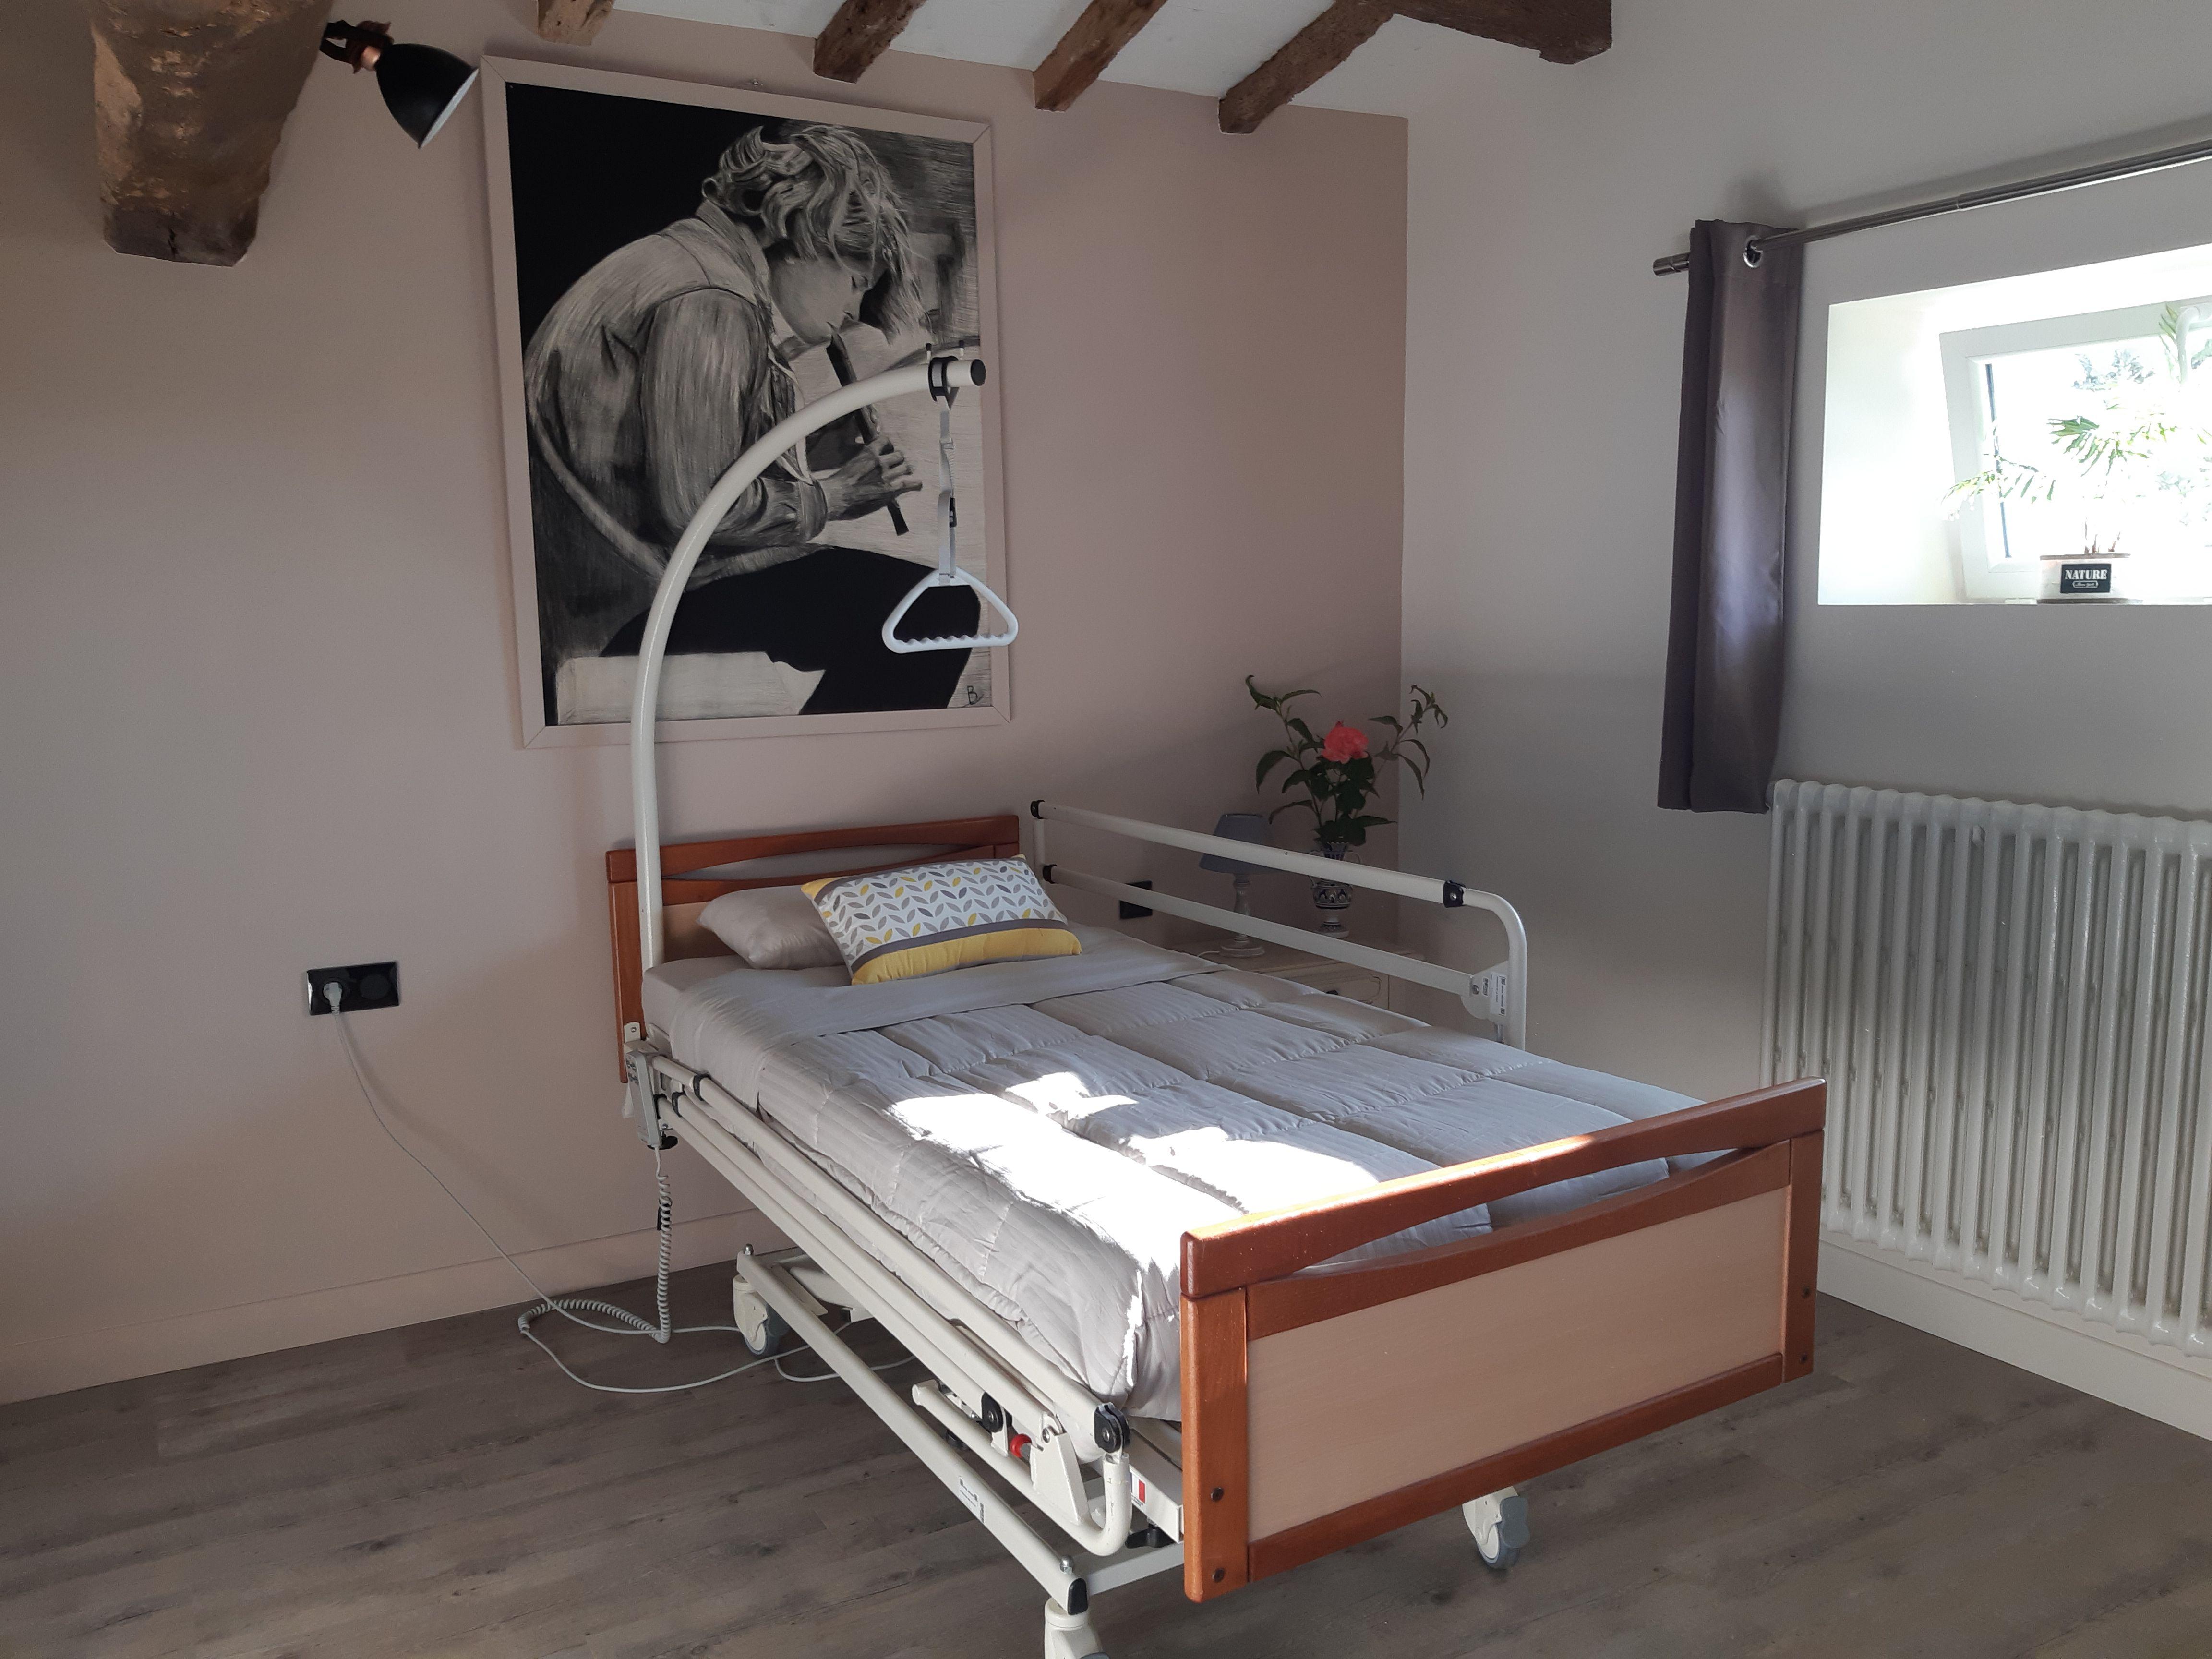 Possibilité de louer auprès de notre prestataire matériel médicalisé (lit, lève-personne...).